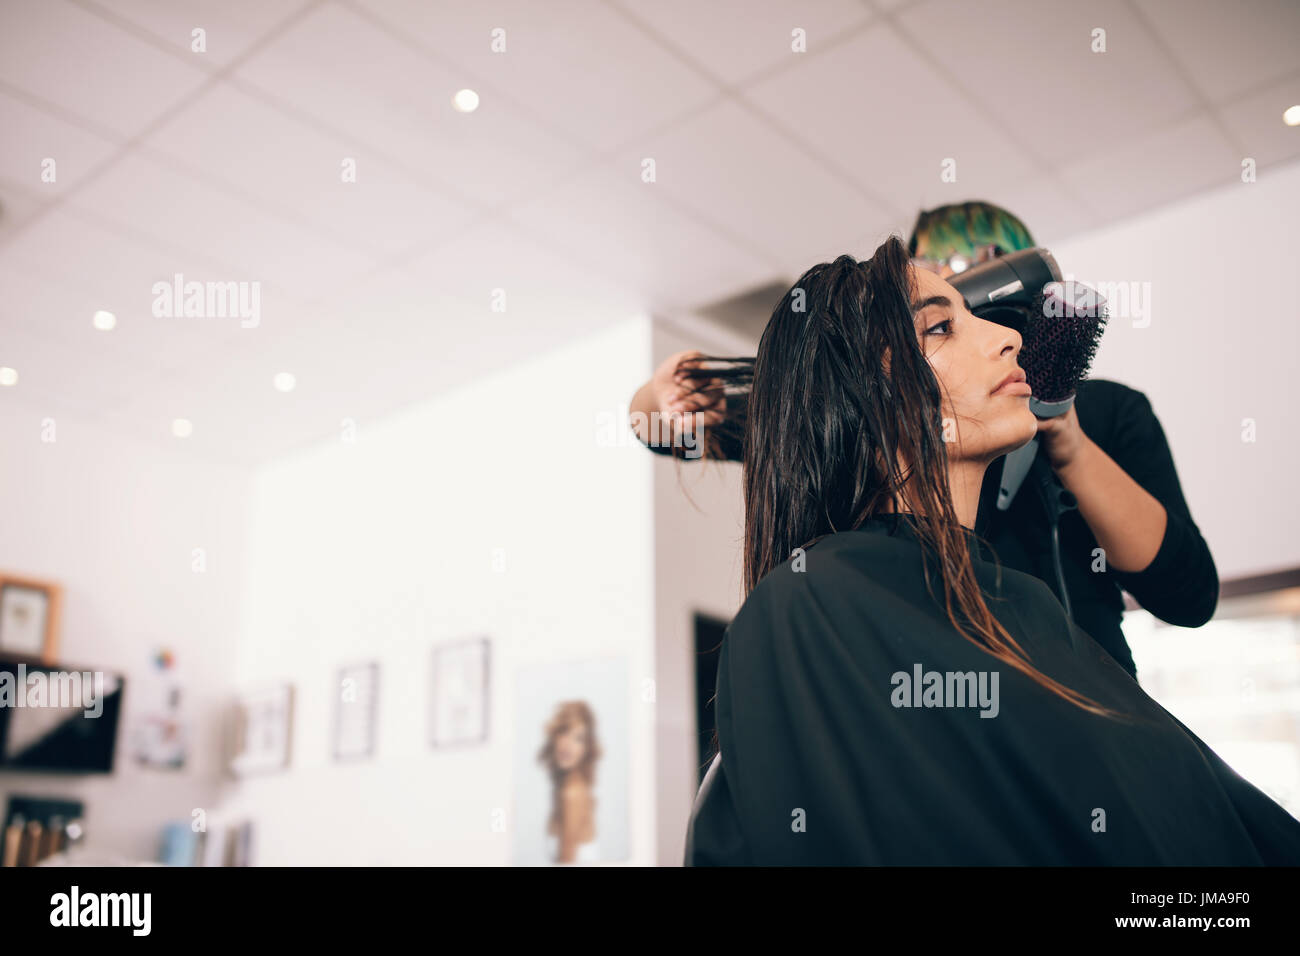 Weibliche Friseur mit Gebläse und Pinsel, um trockenes Haar. Frau an eine anspruchsvolle Schönheitssalon immer eine Frisur. Stockbild